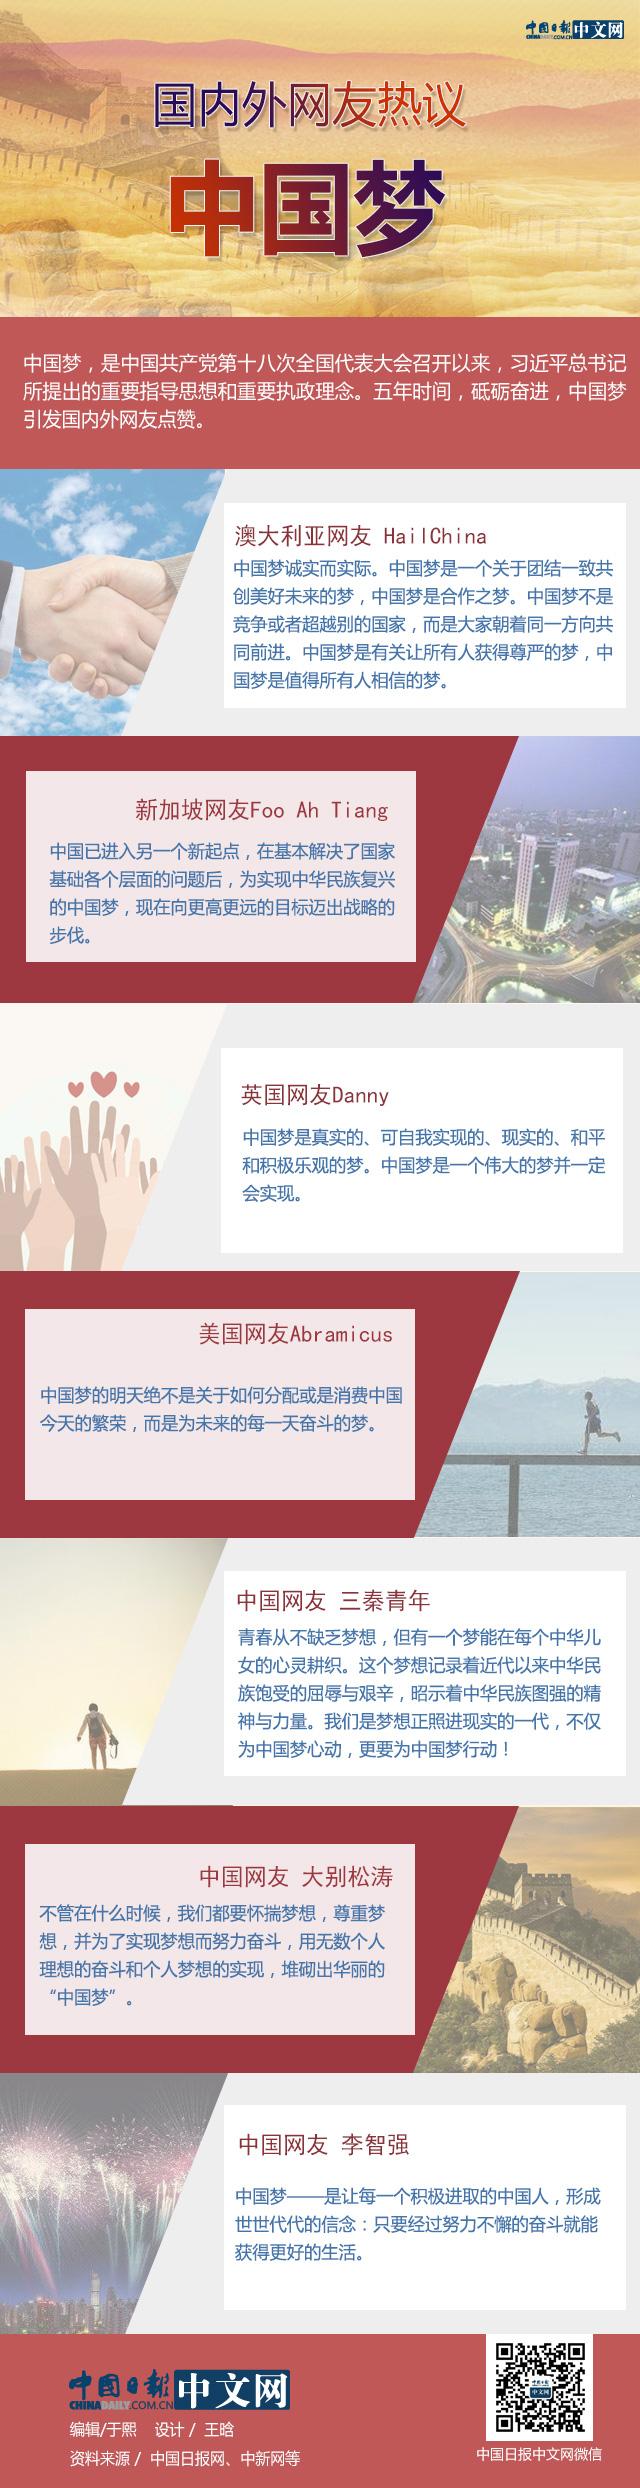 国内外网友热议中国梦